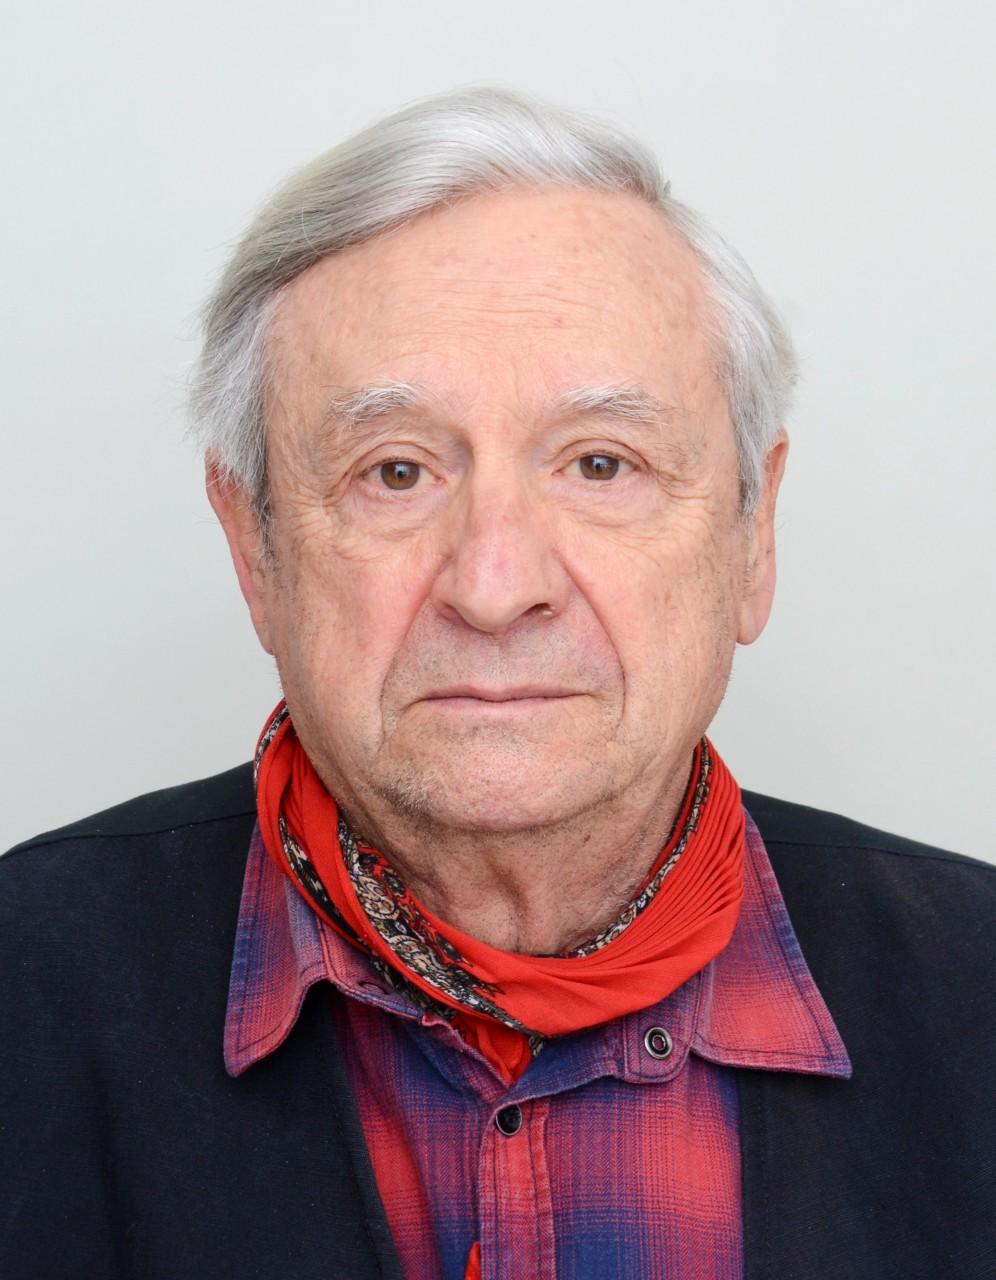 Le psychanalyste et critique littéraire français Henri Rey-Flaud. Photo: D.R.